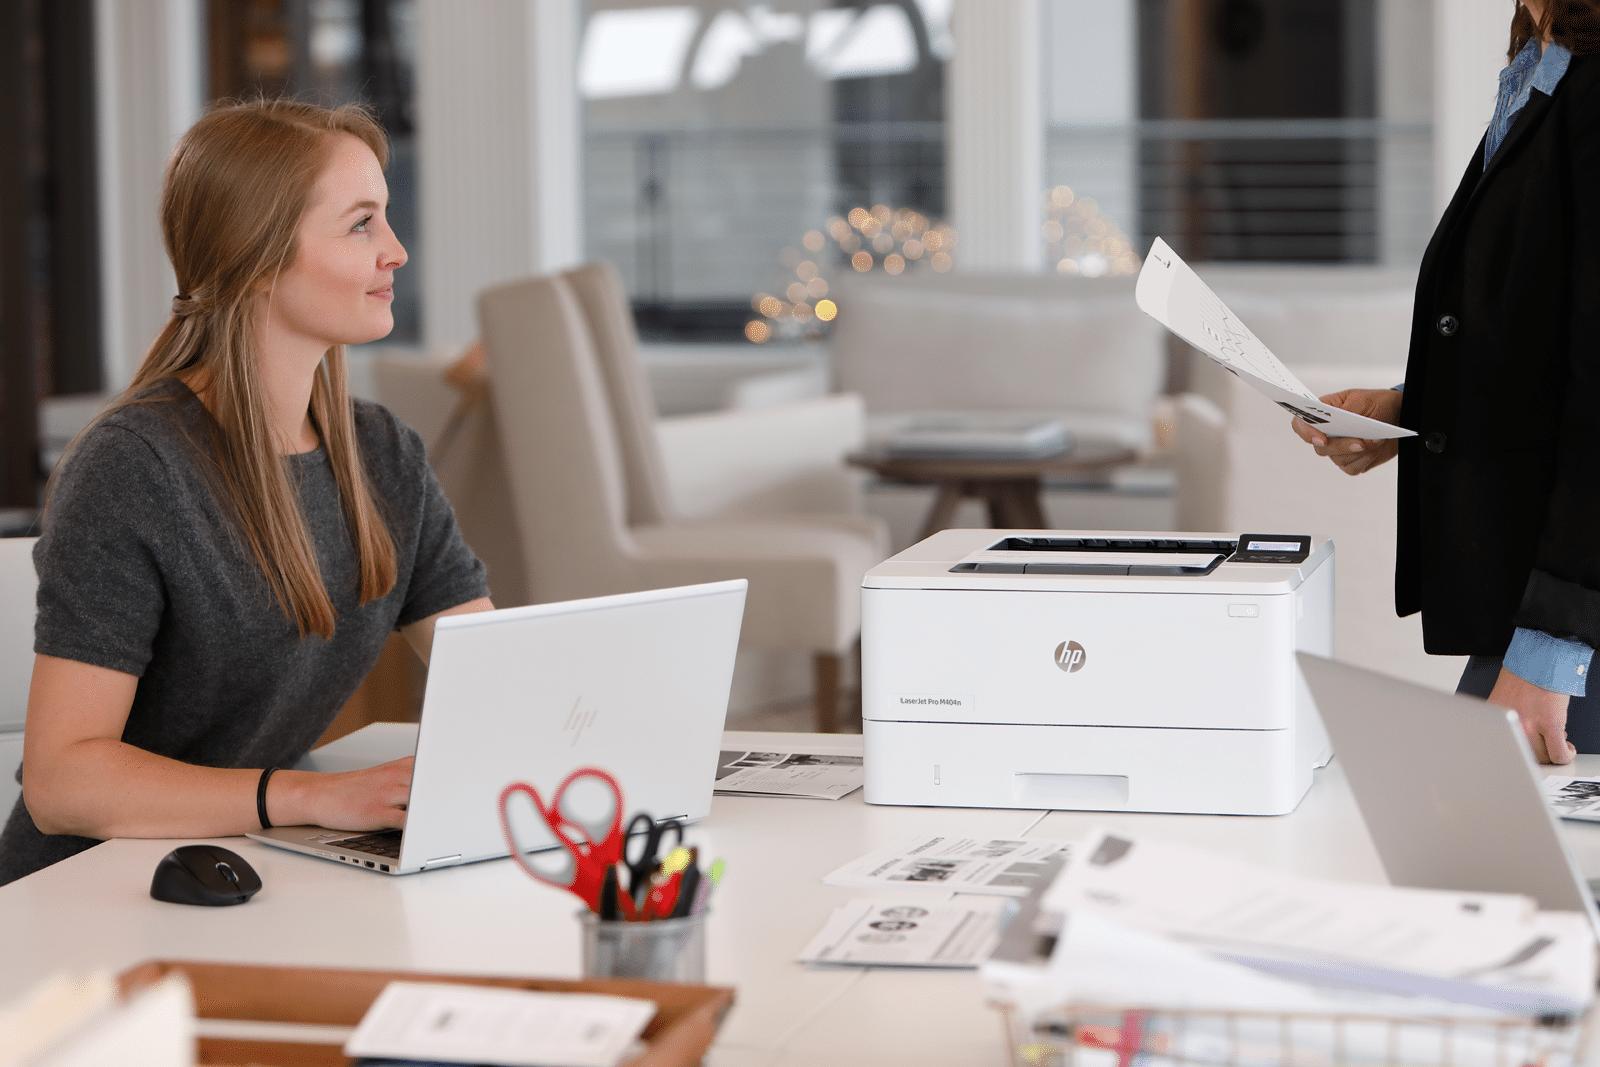 Drucker kaufen, Drucker kopieren oder Drucker Leasing. Für alle Bedürfnisse liefert tectonika das richtige Produkt